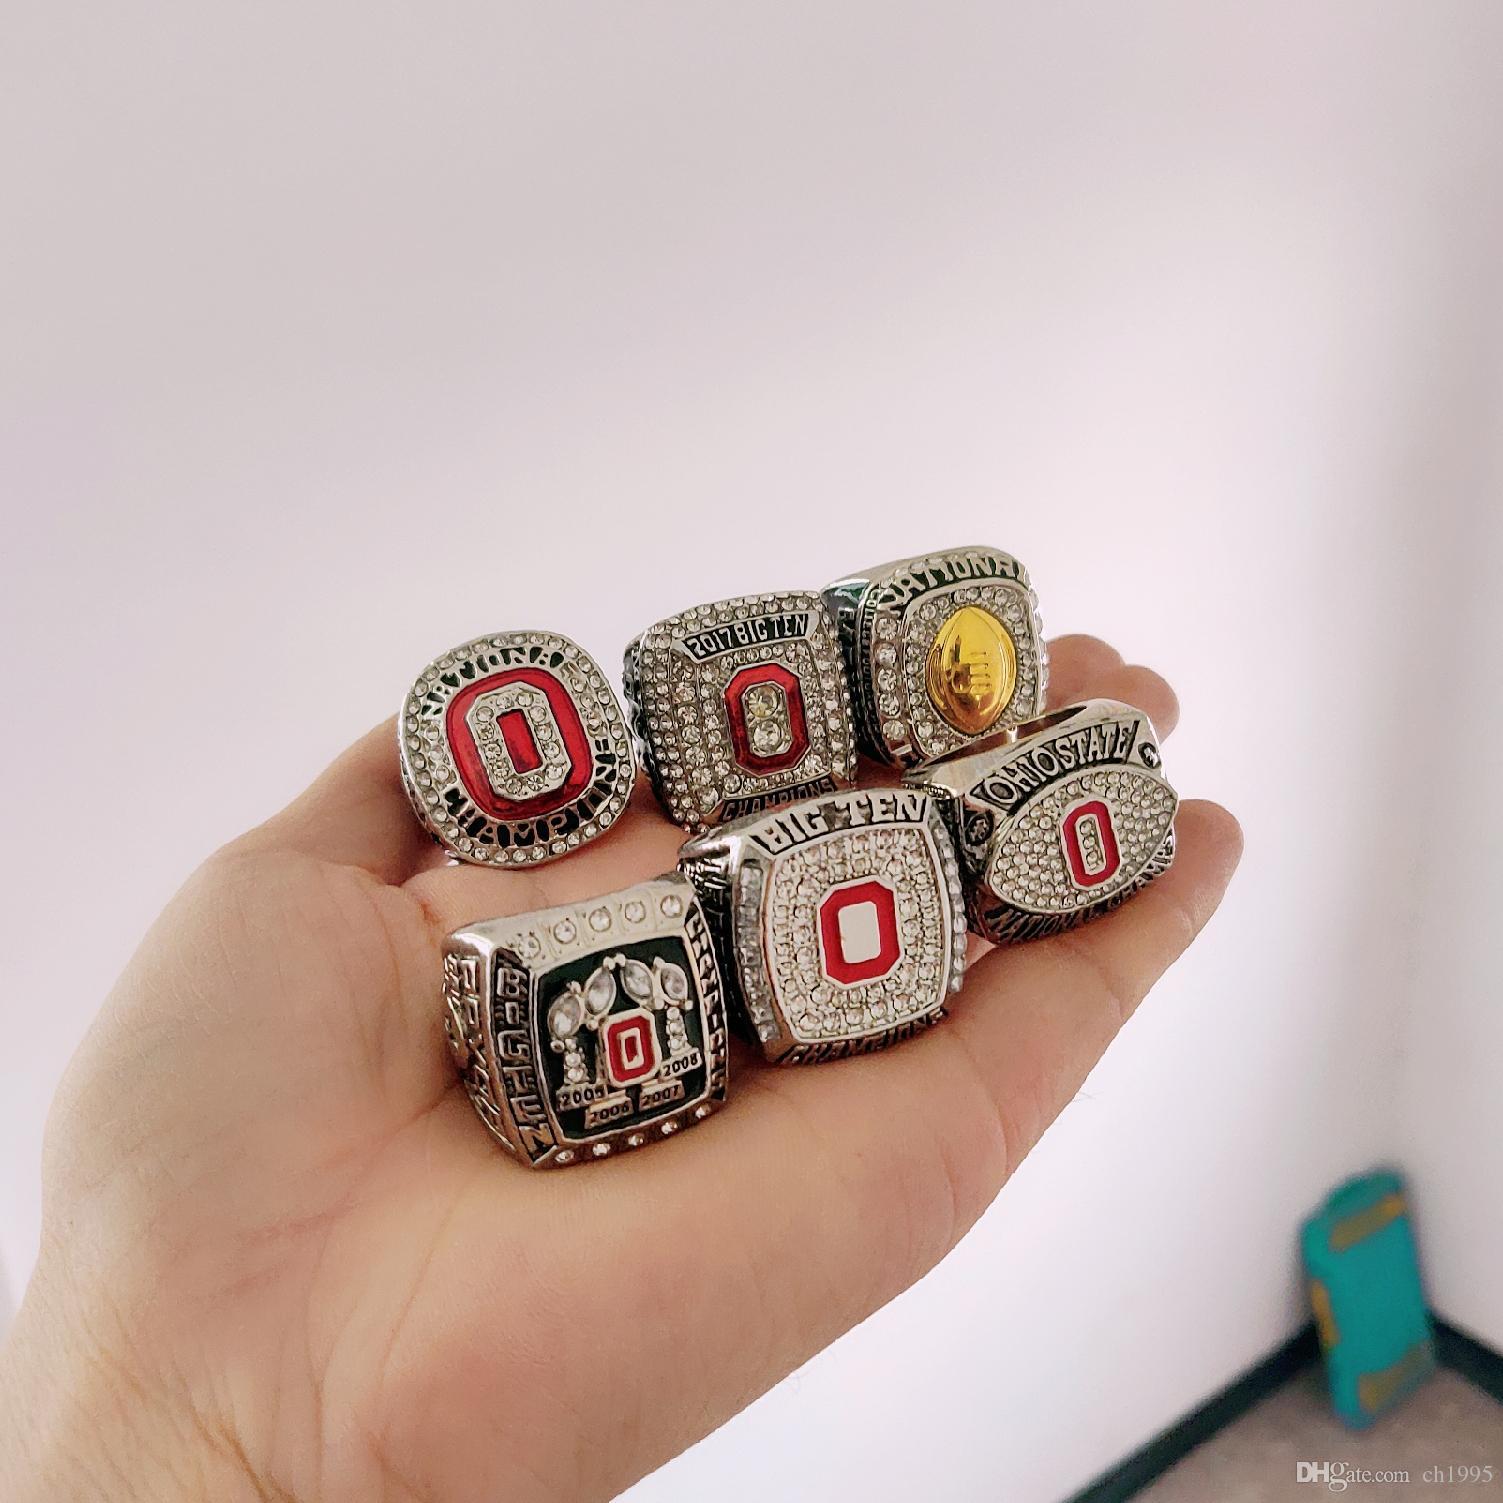 6 шт 2Ohio государственных конского каштаны Национального Чемпионат Чемпион Ring Set Сплошных Мужчины Вентилятор Brithday подарки падение Оптовая доставка